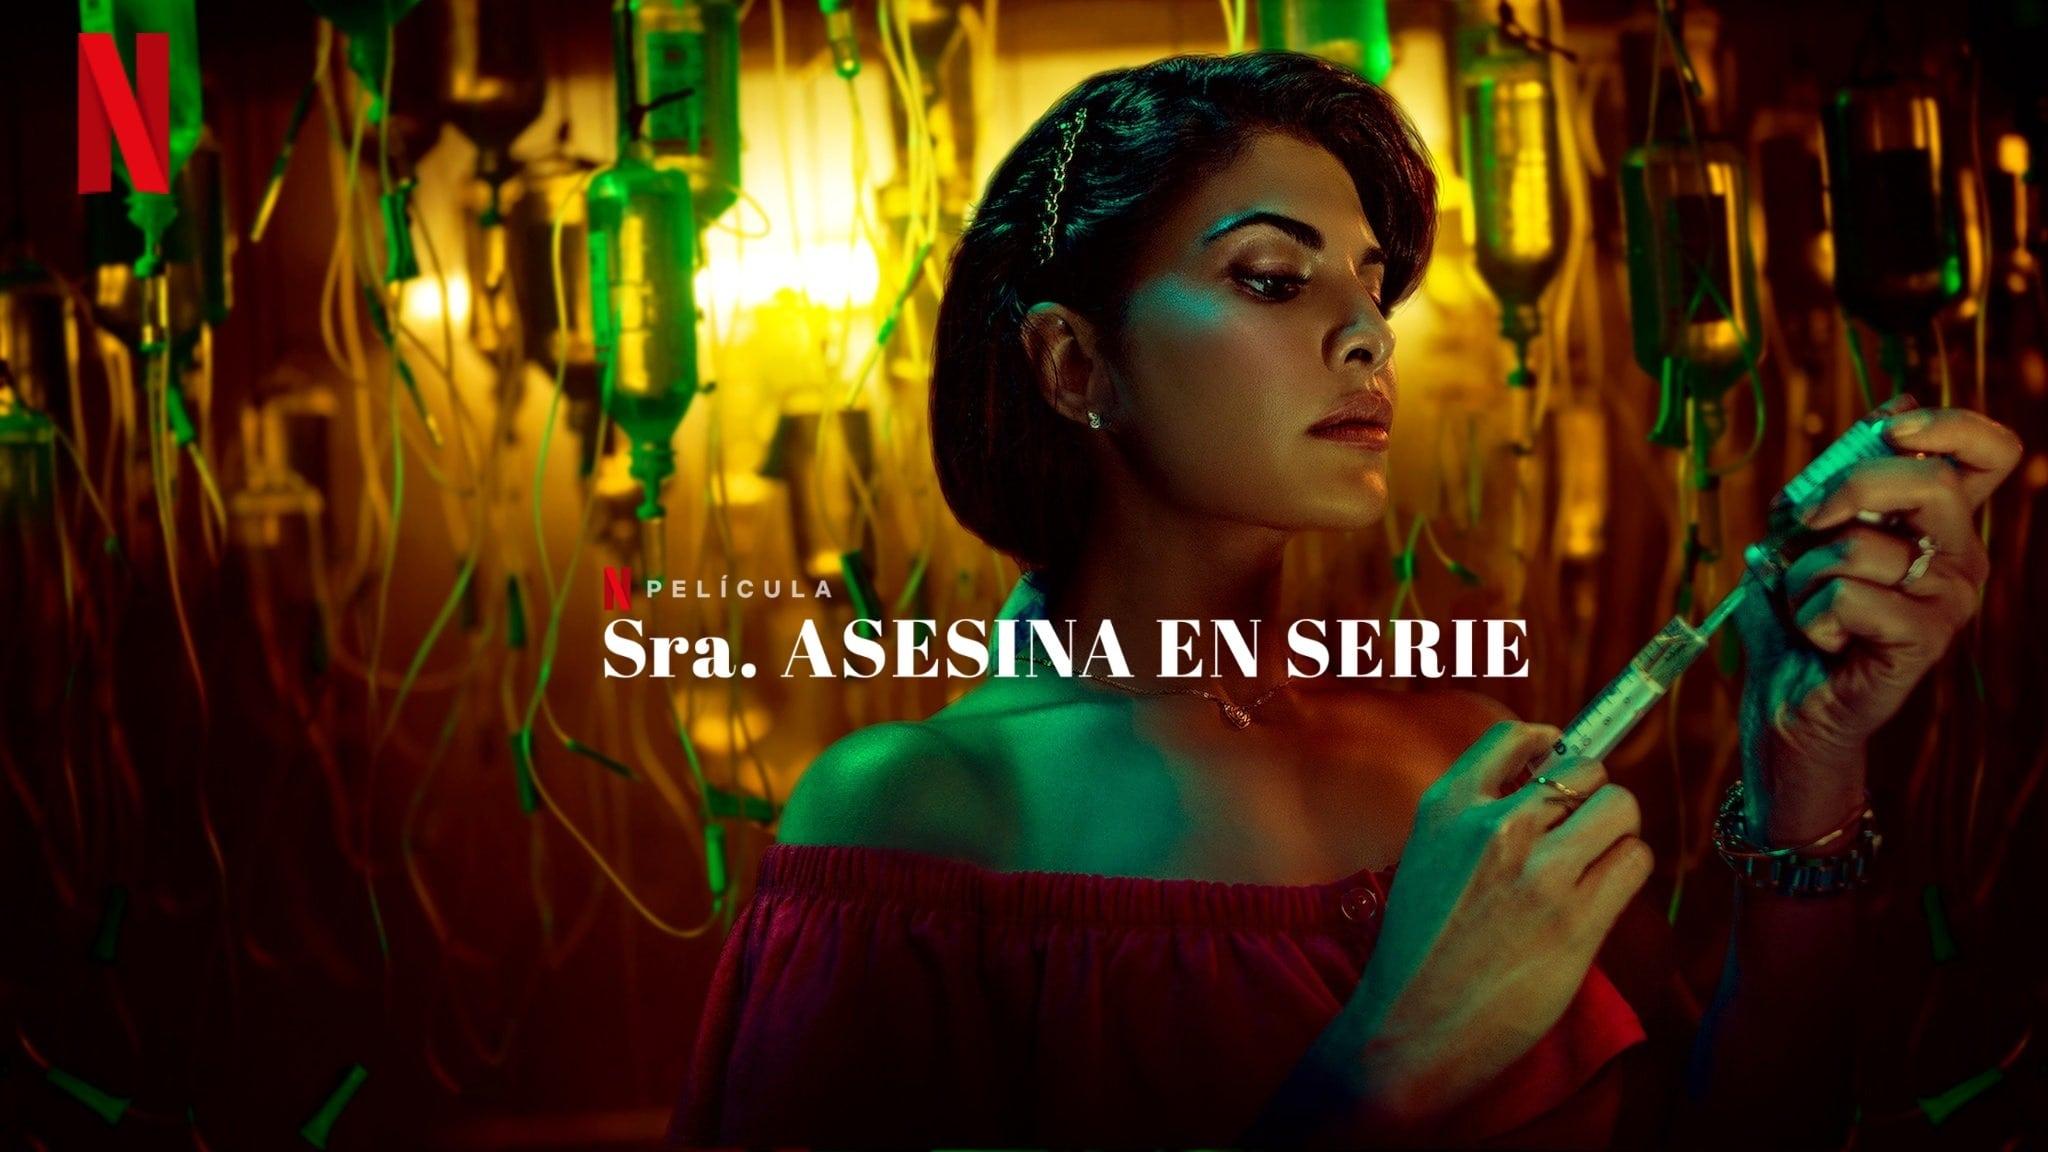 Sra. Asesina en serie